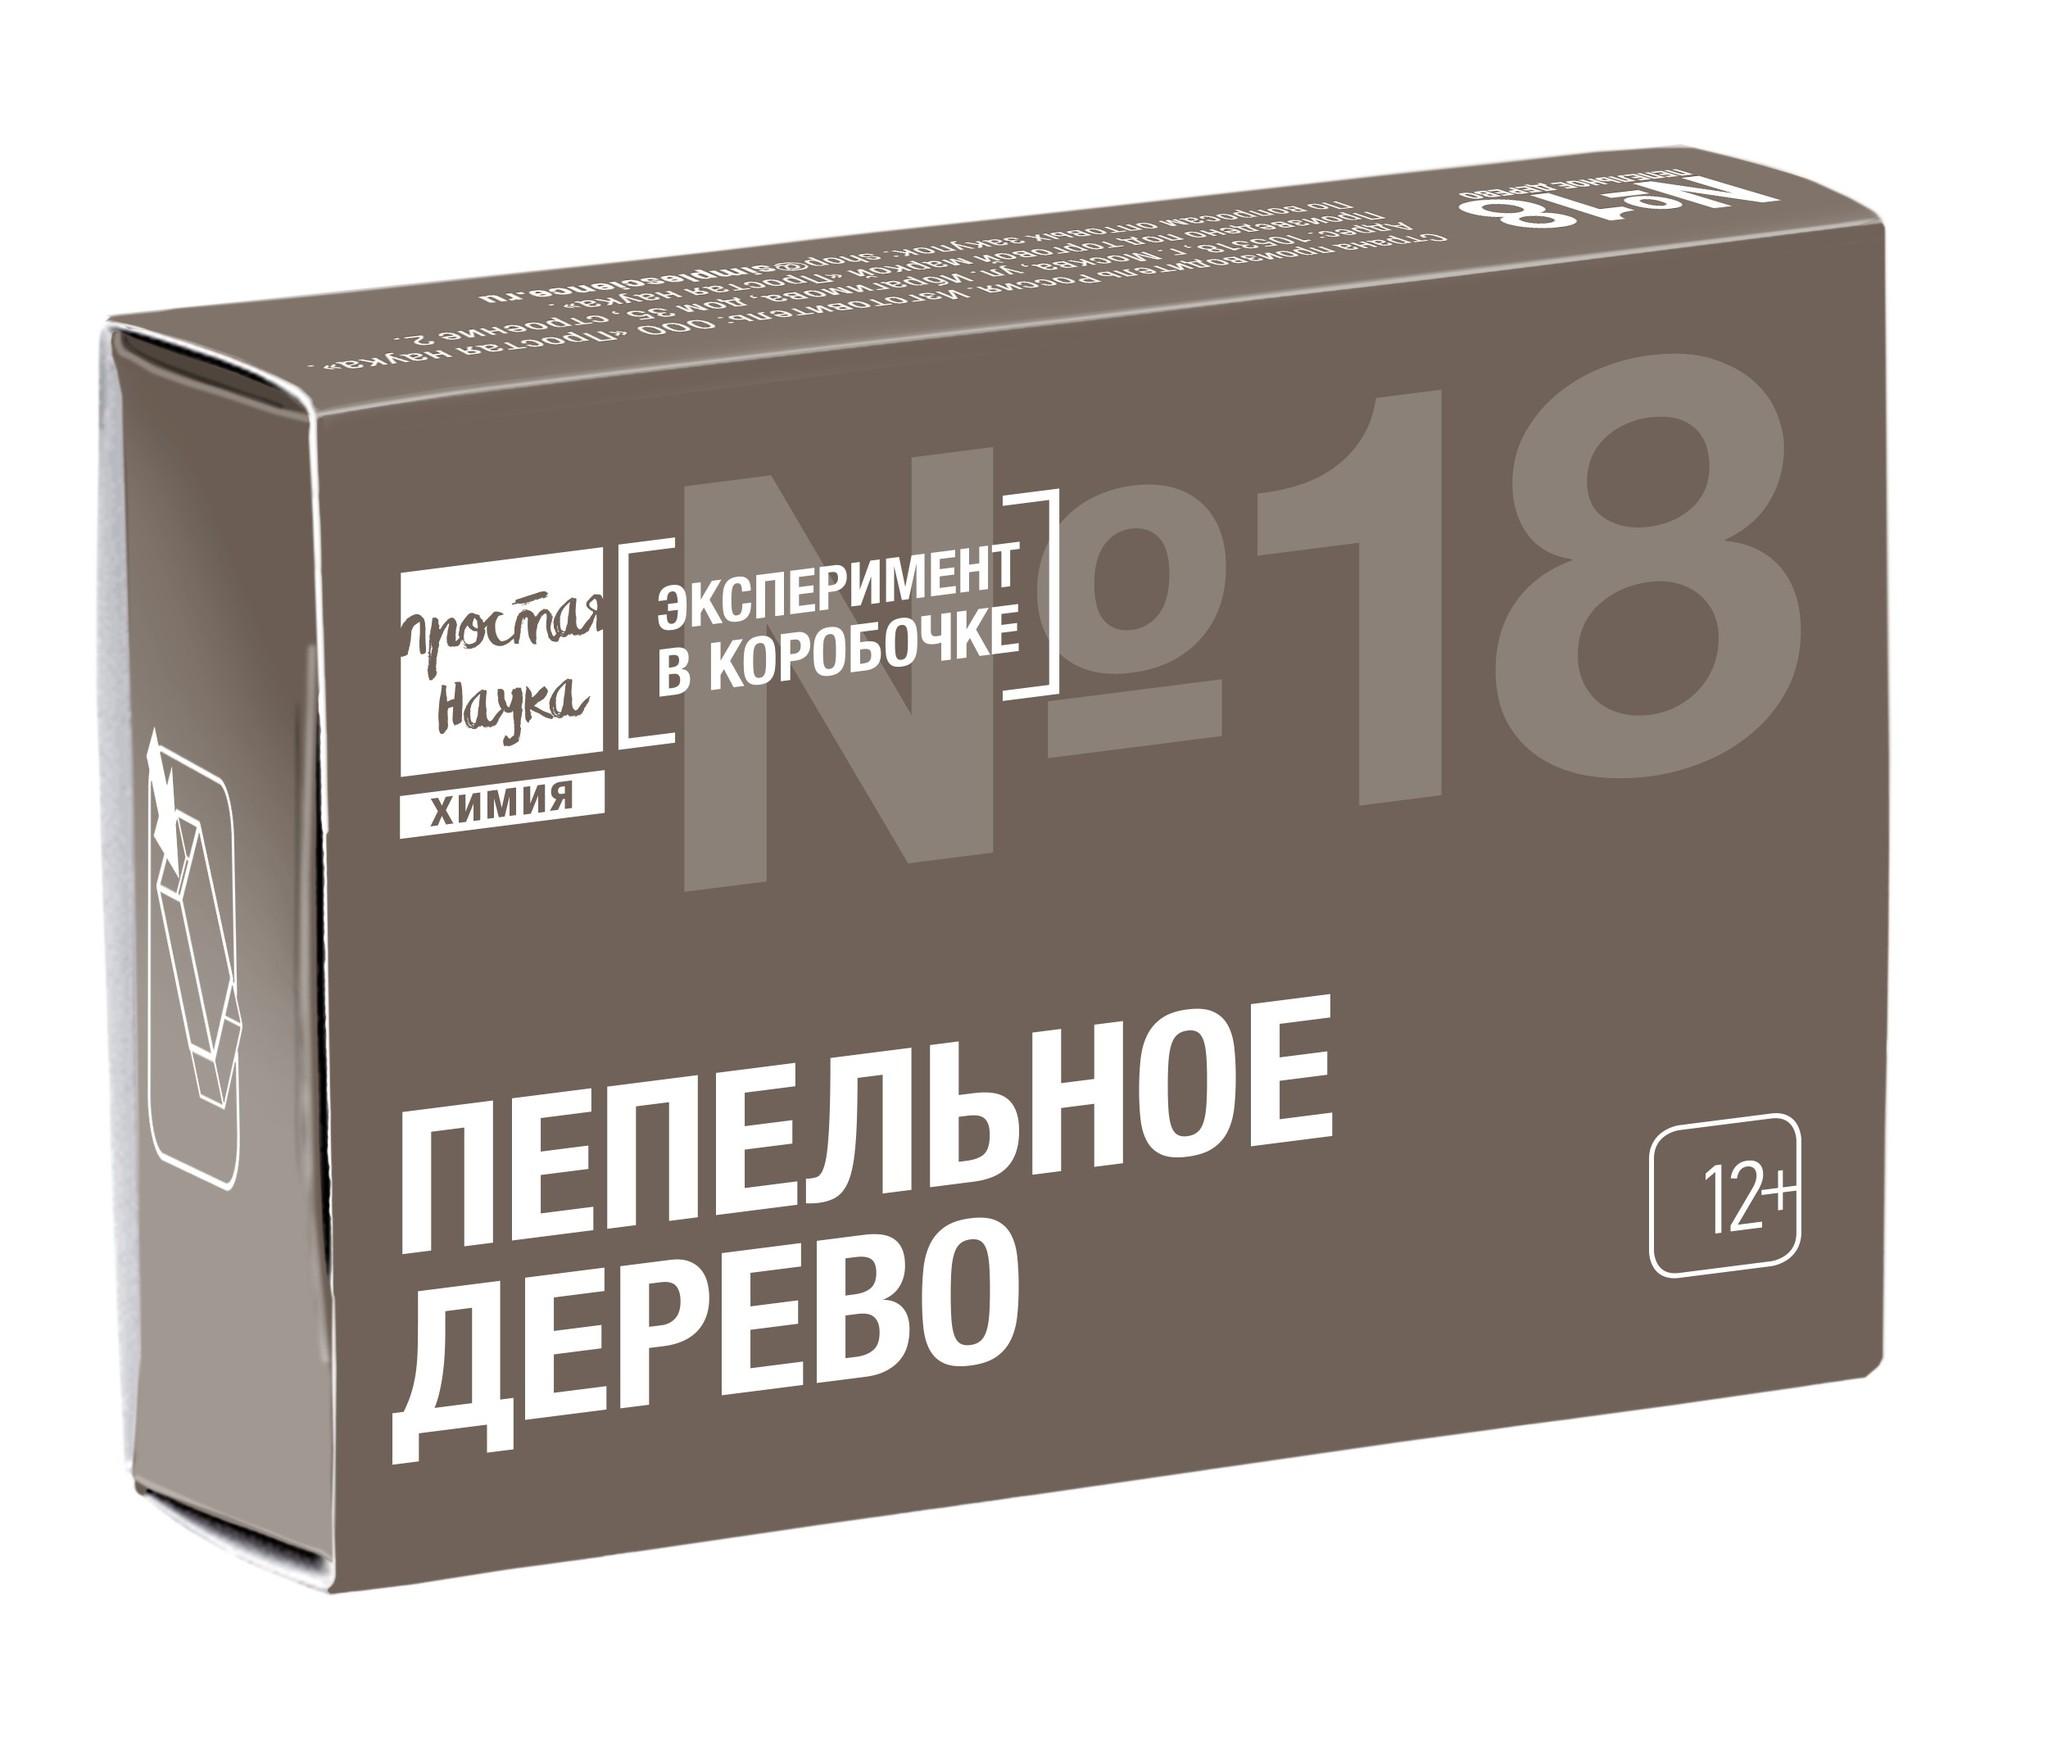 Набор для опытов Простая наука Эксперимент в коробочке